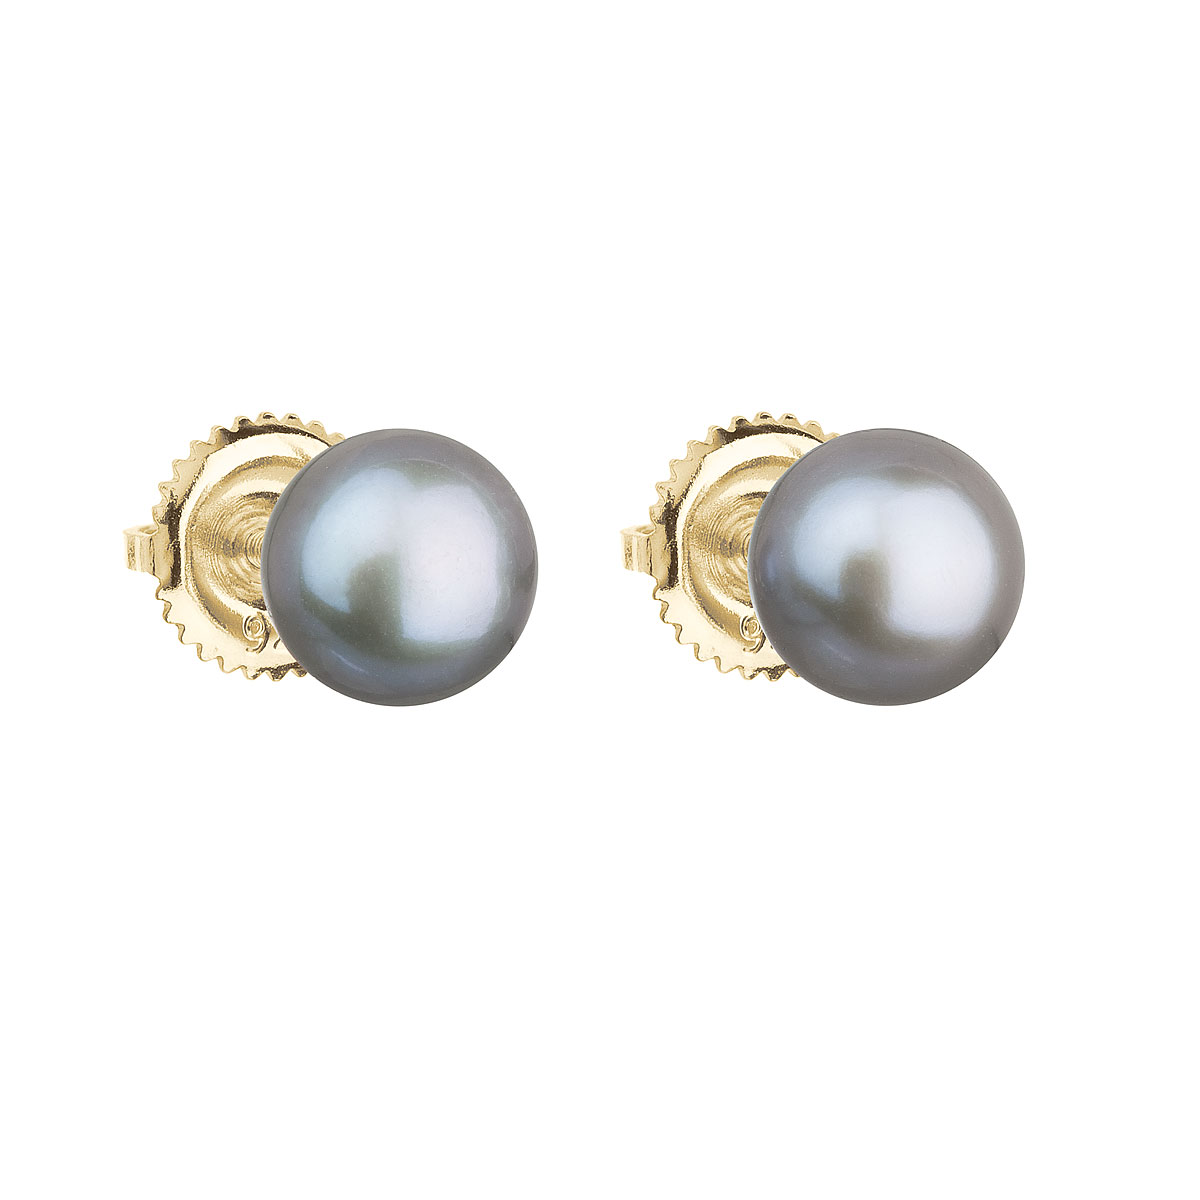 Evolution Group Zlaté 14 karátové náušnice pecky s šedou říční perlou 921004.3